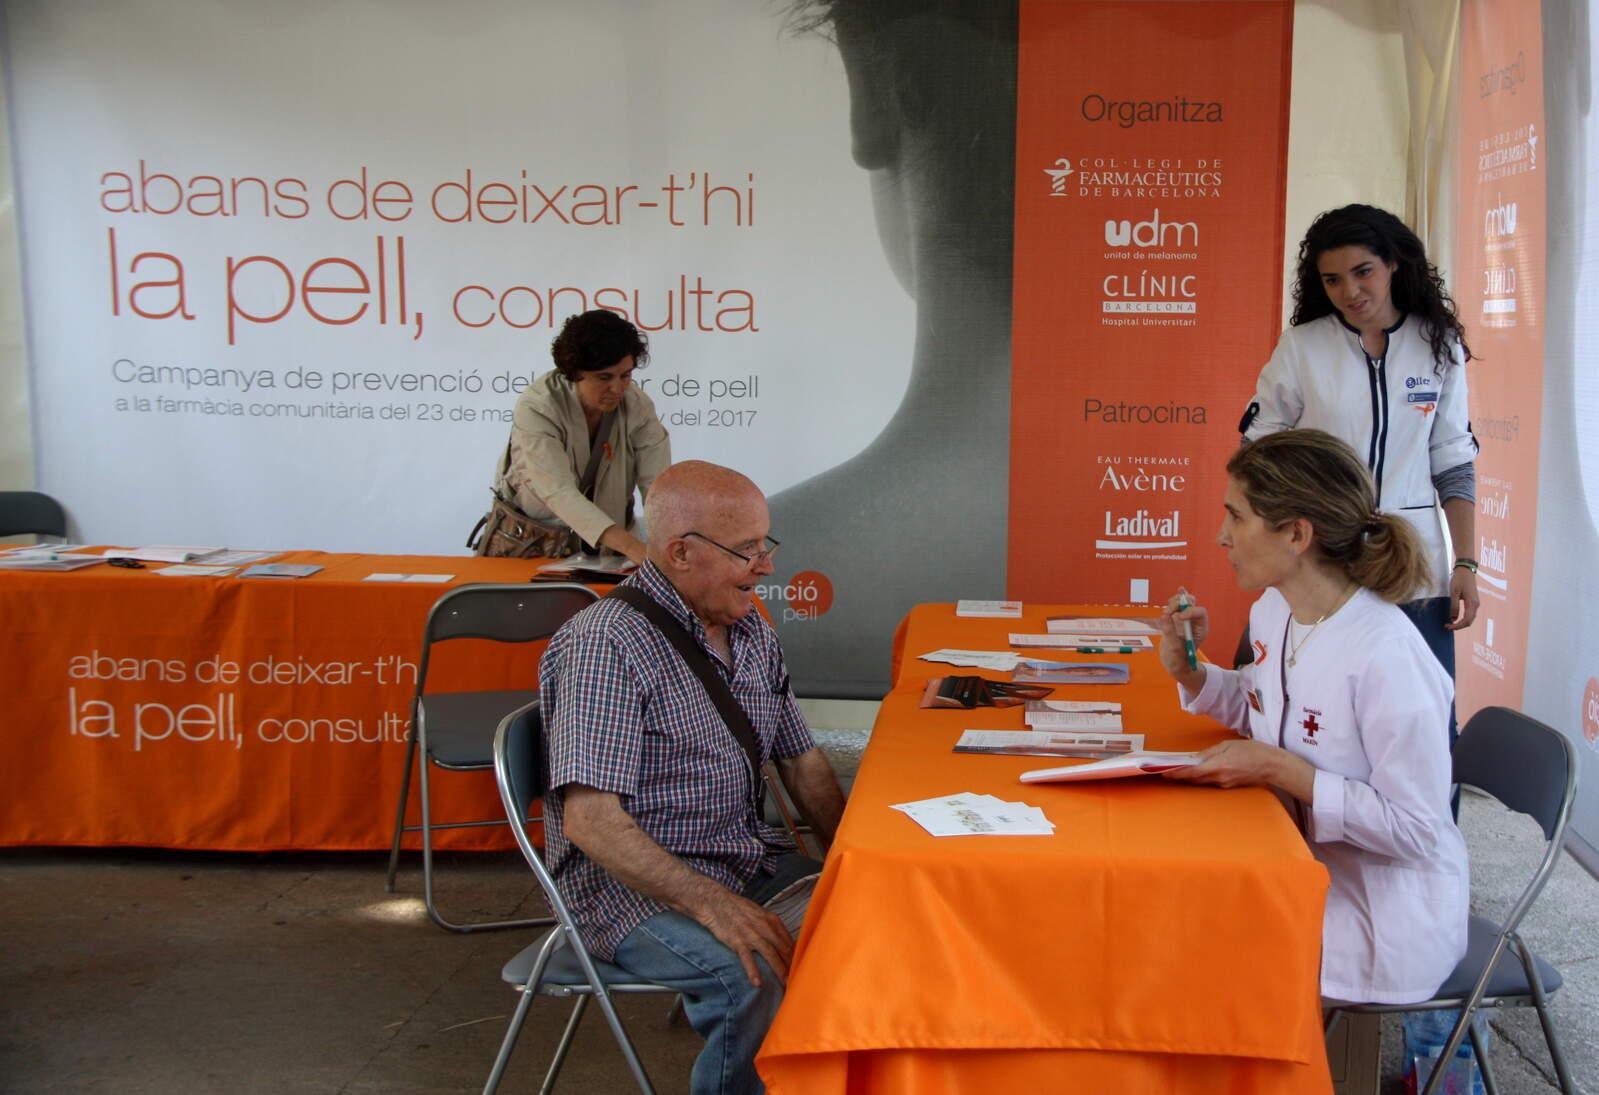 Un usuari fent-se la prova contra el melanoma a la carpa de la campanya contra el càncer de pell del Col·legi de Farmacèutics de Barcelona